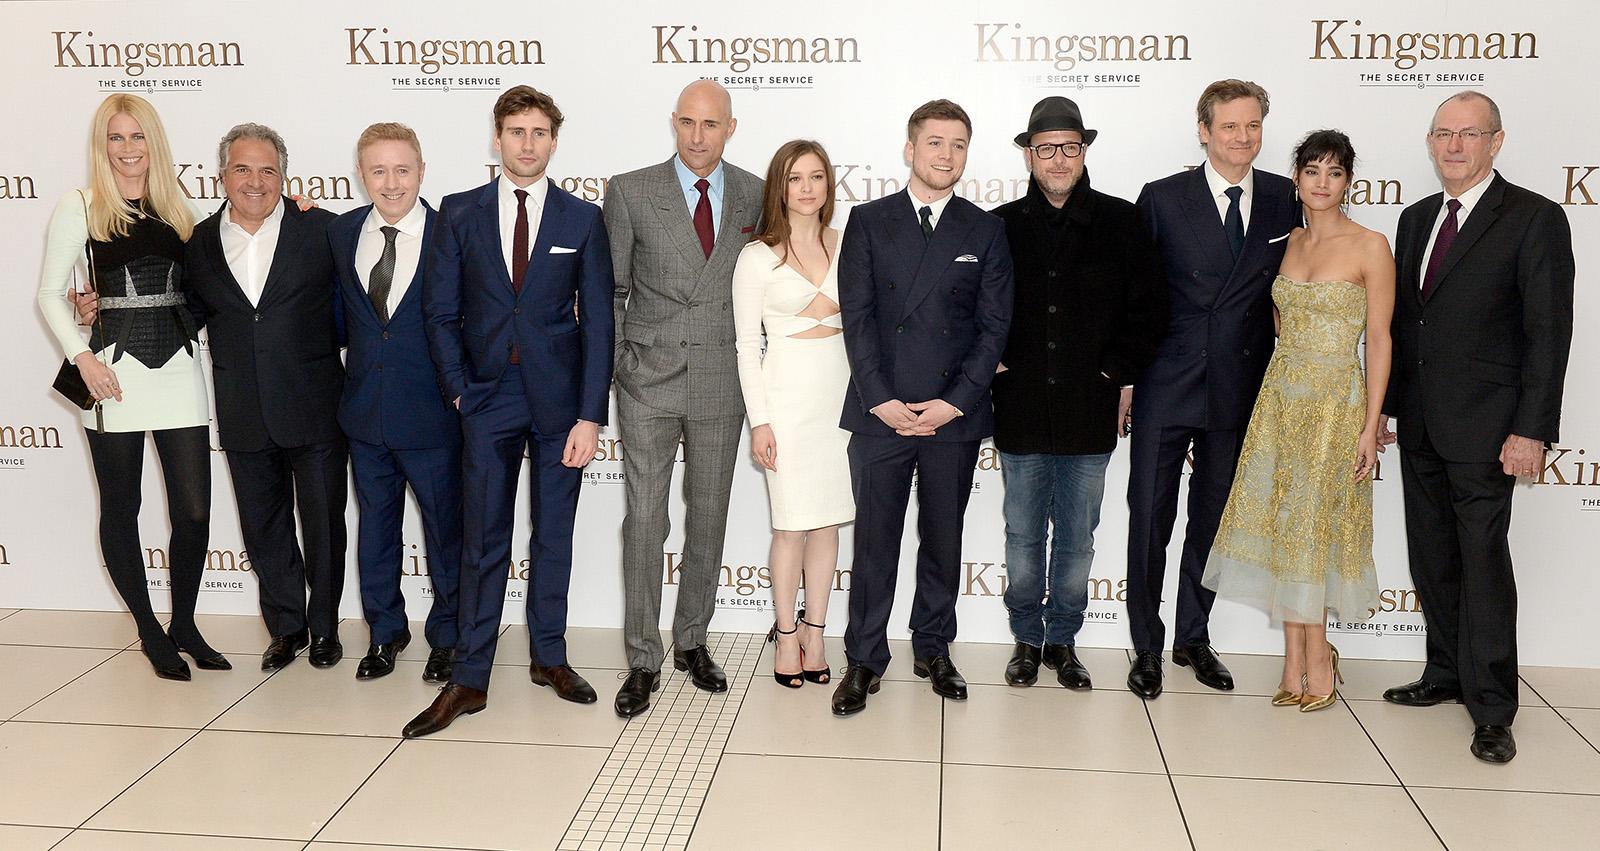 Colin Firth Taron Egerton Sophie Cookson About Kingsman: Foto De Kingsman: Servicio Secreto